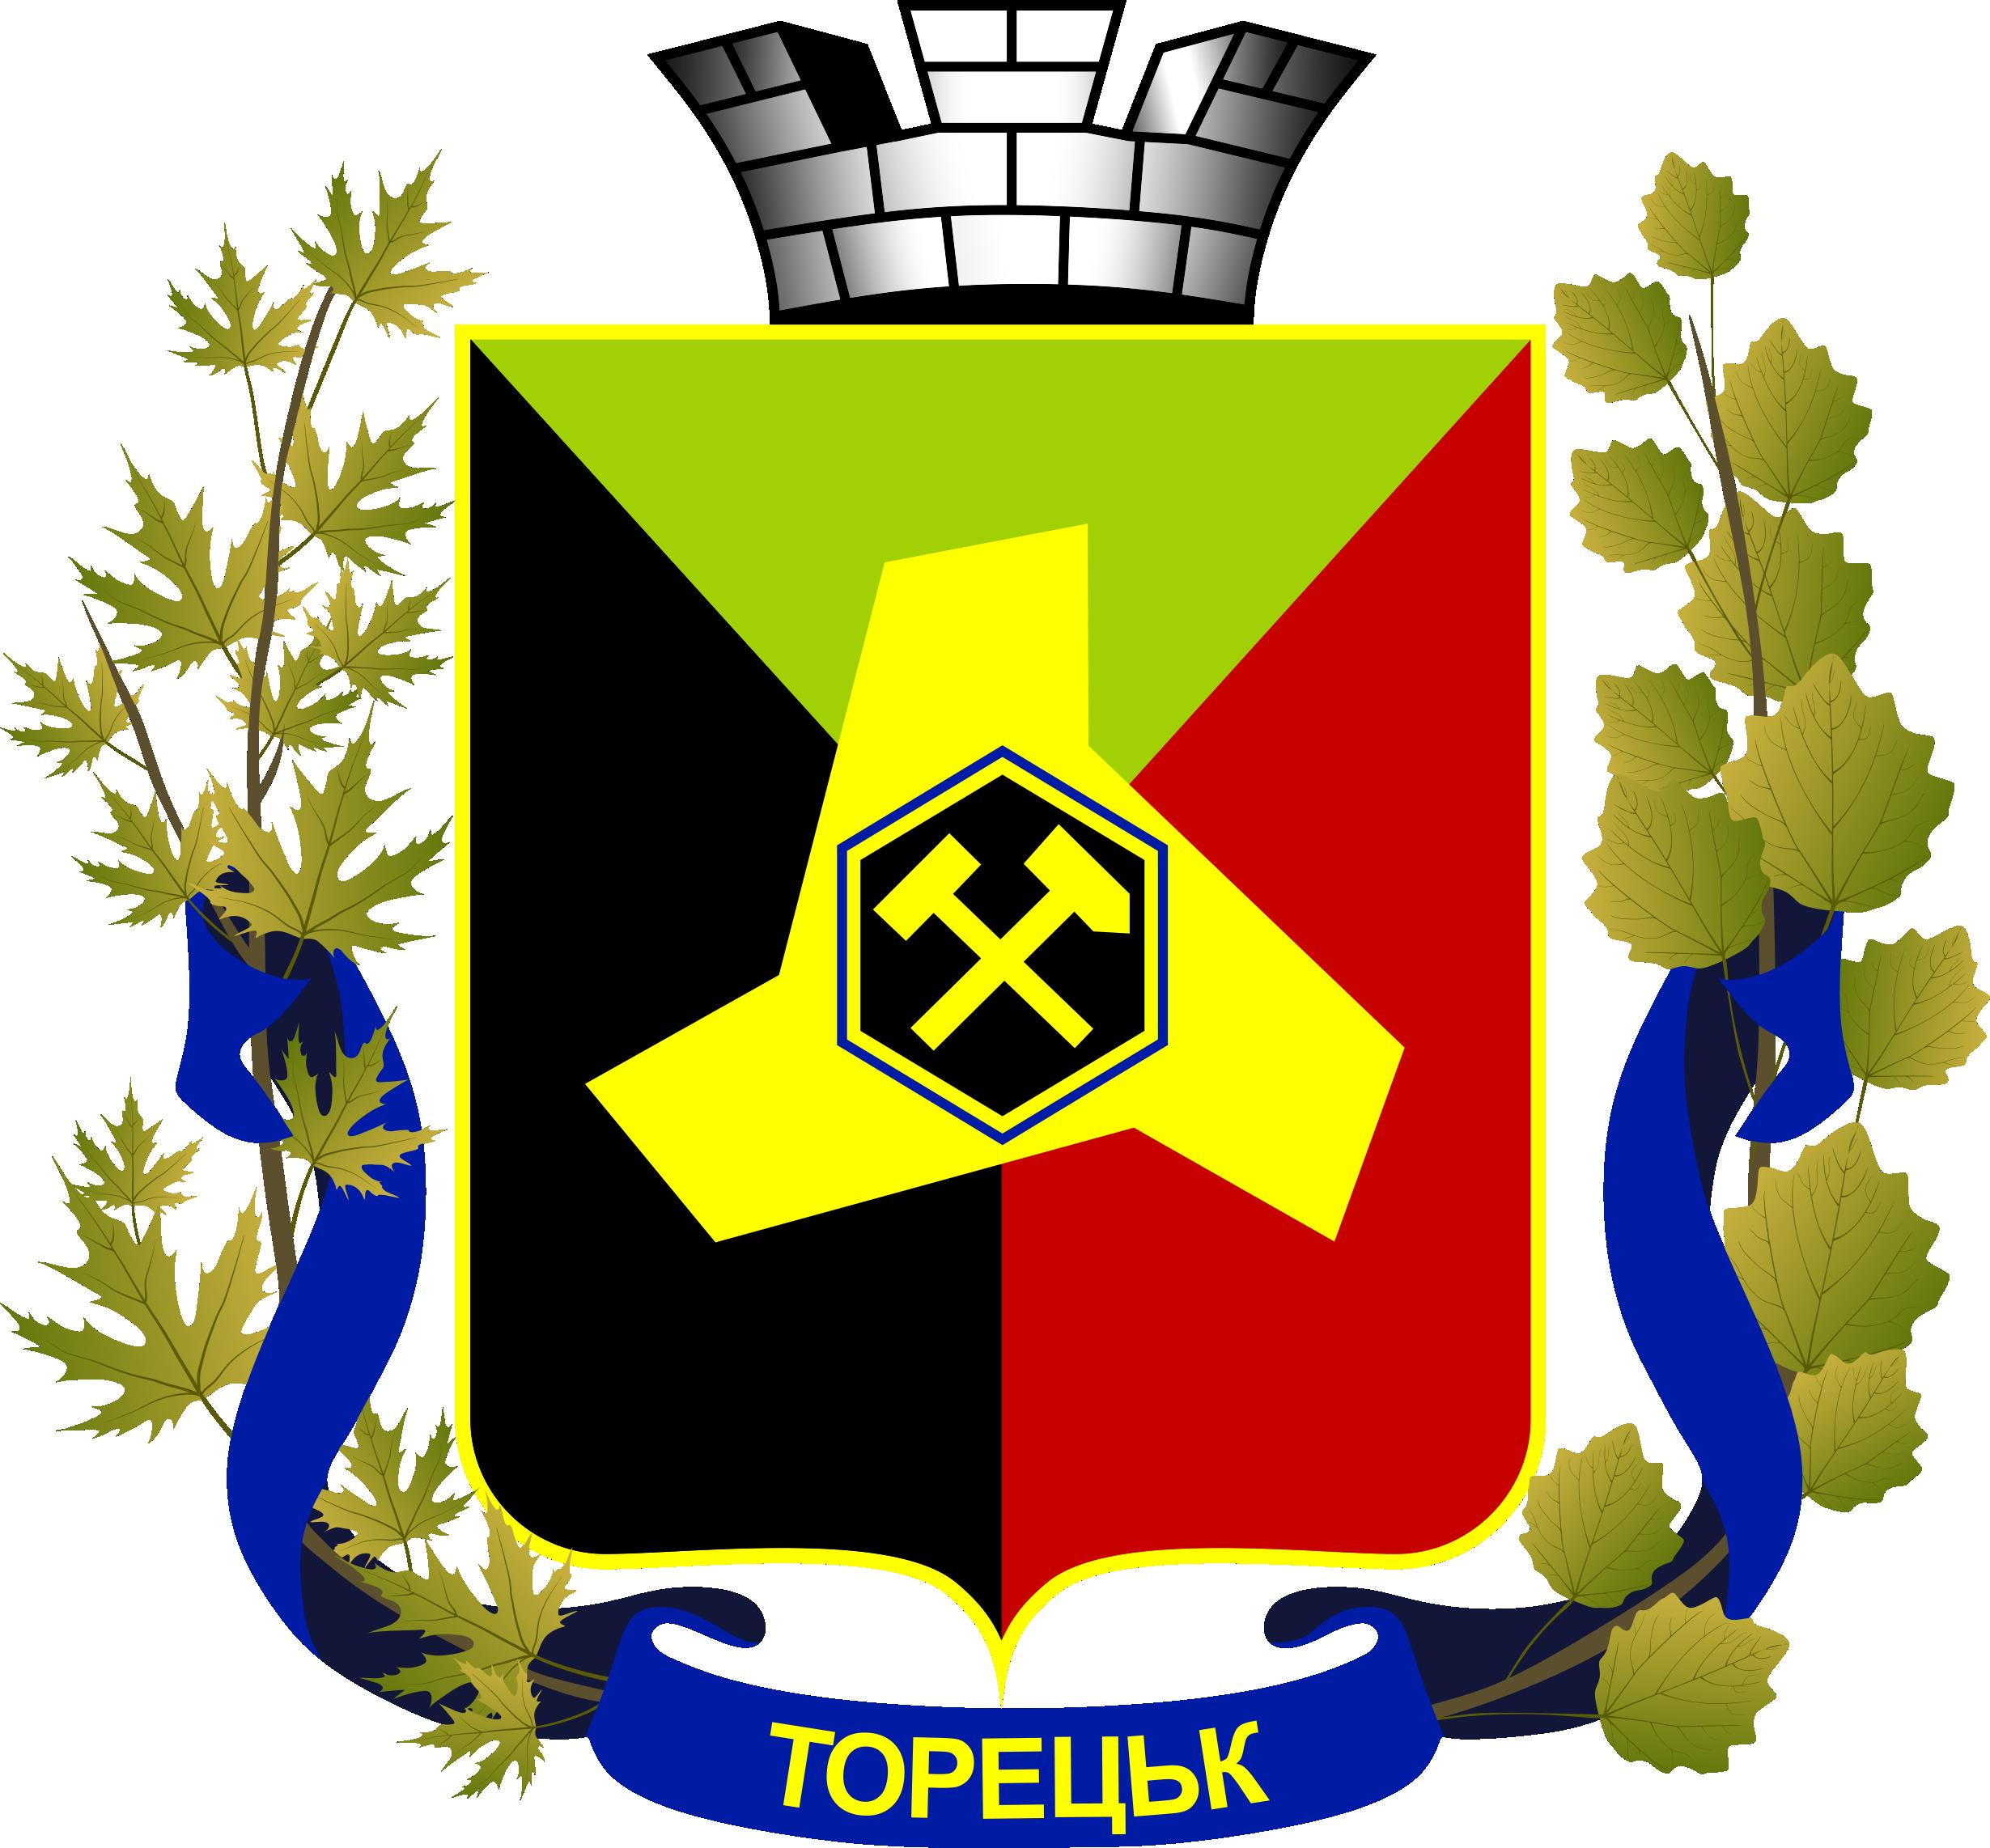 viiskovo-tsyvilna-administratsiia-mista-toretsk-donetskoyi-oblasti